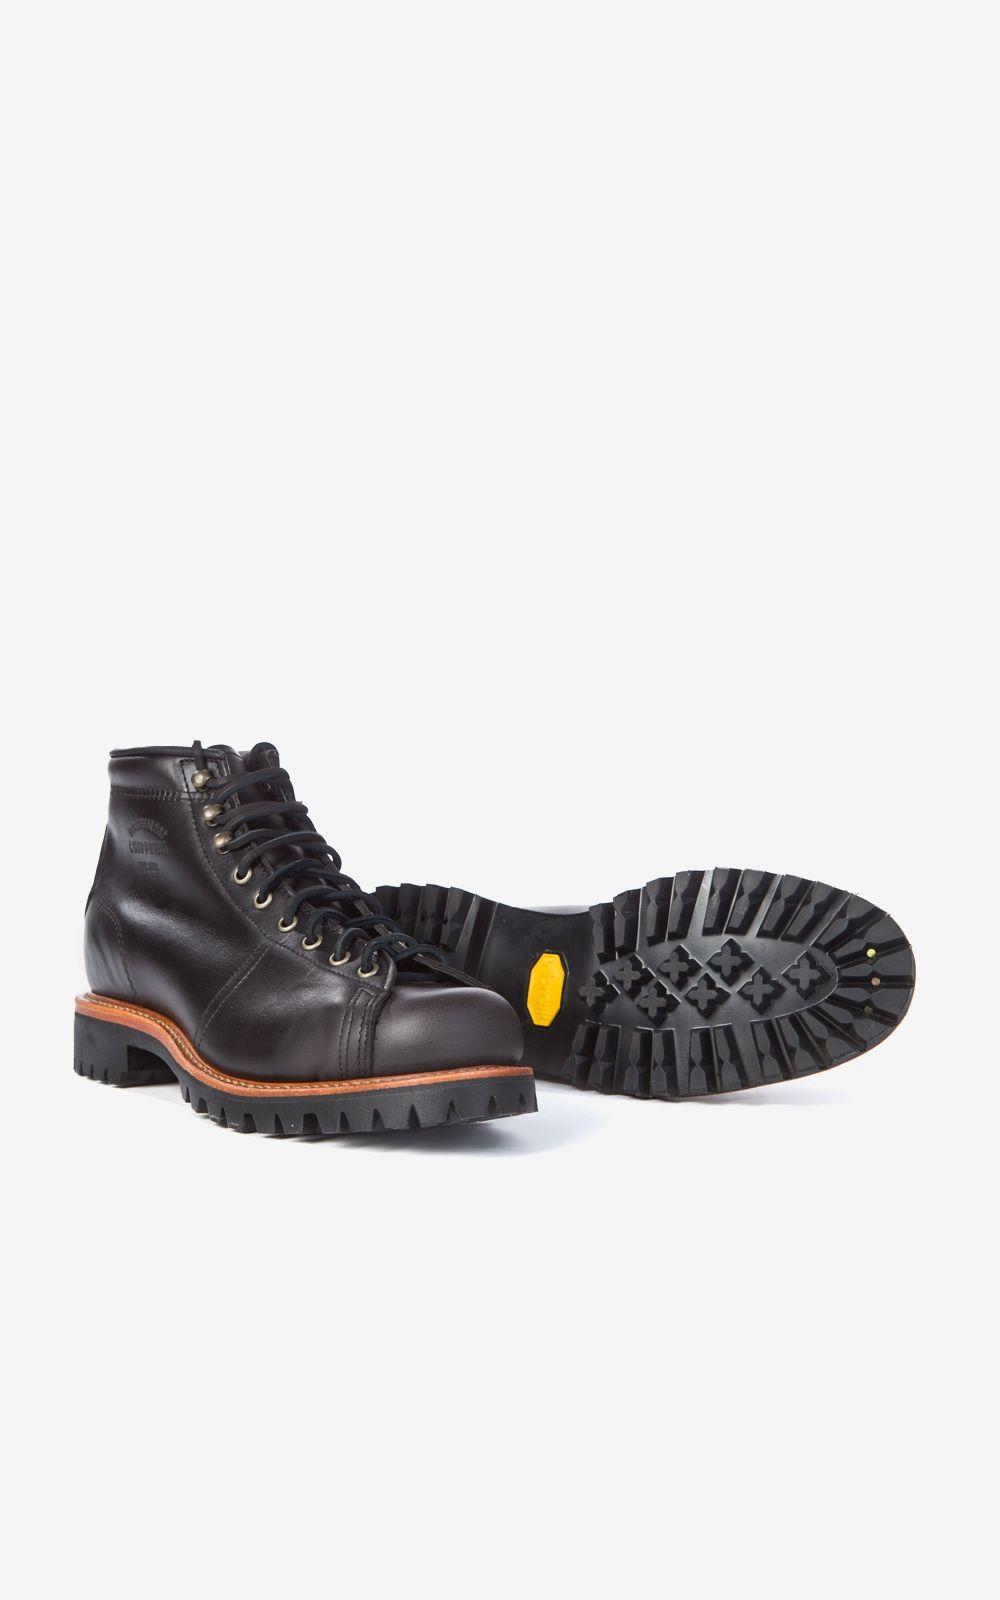 """Chippewa 5"""" Lace-To-Toe Boot Black Whirlwind"""